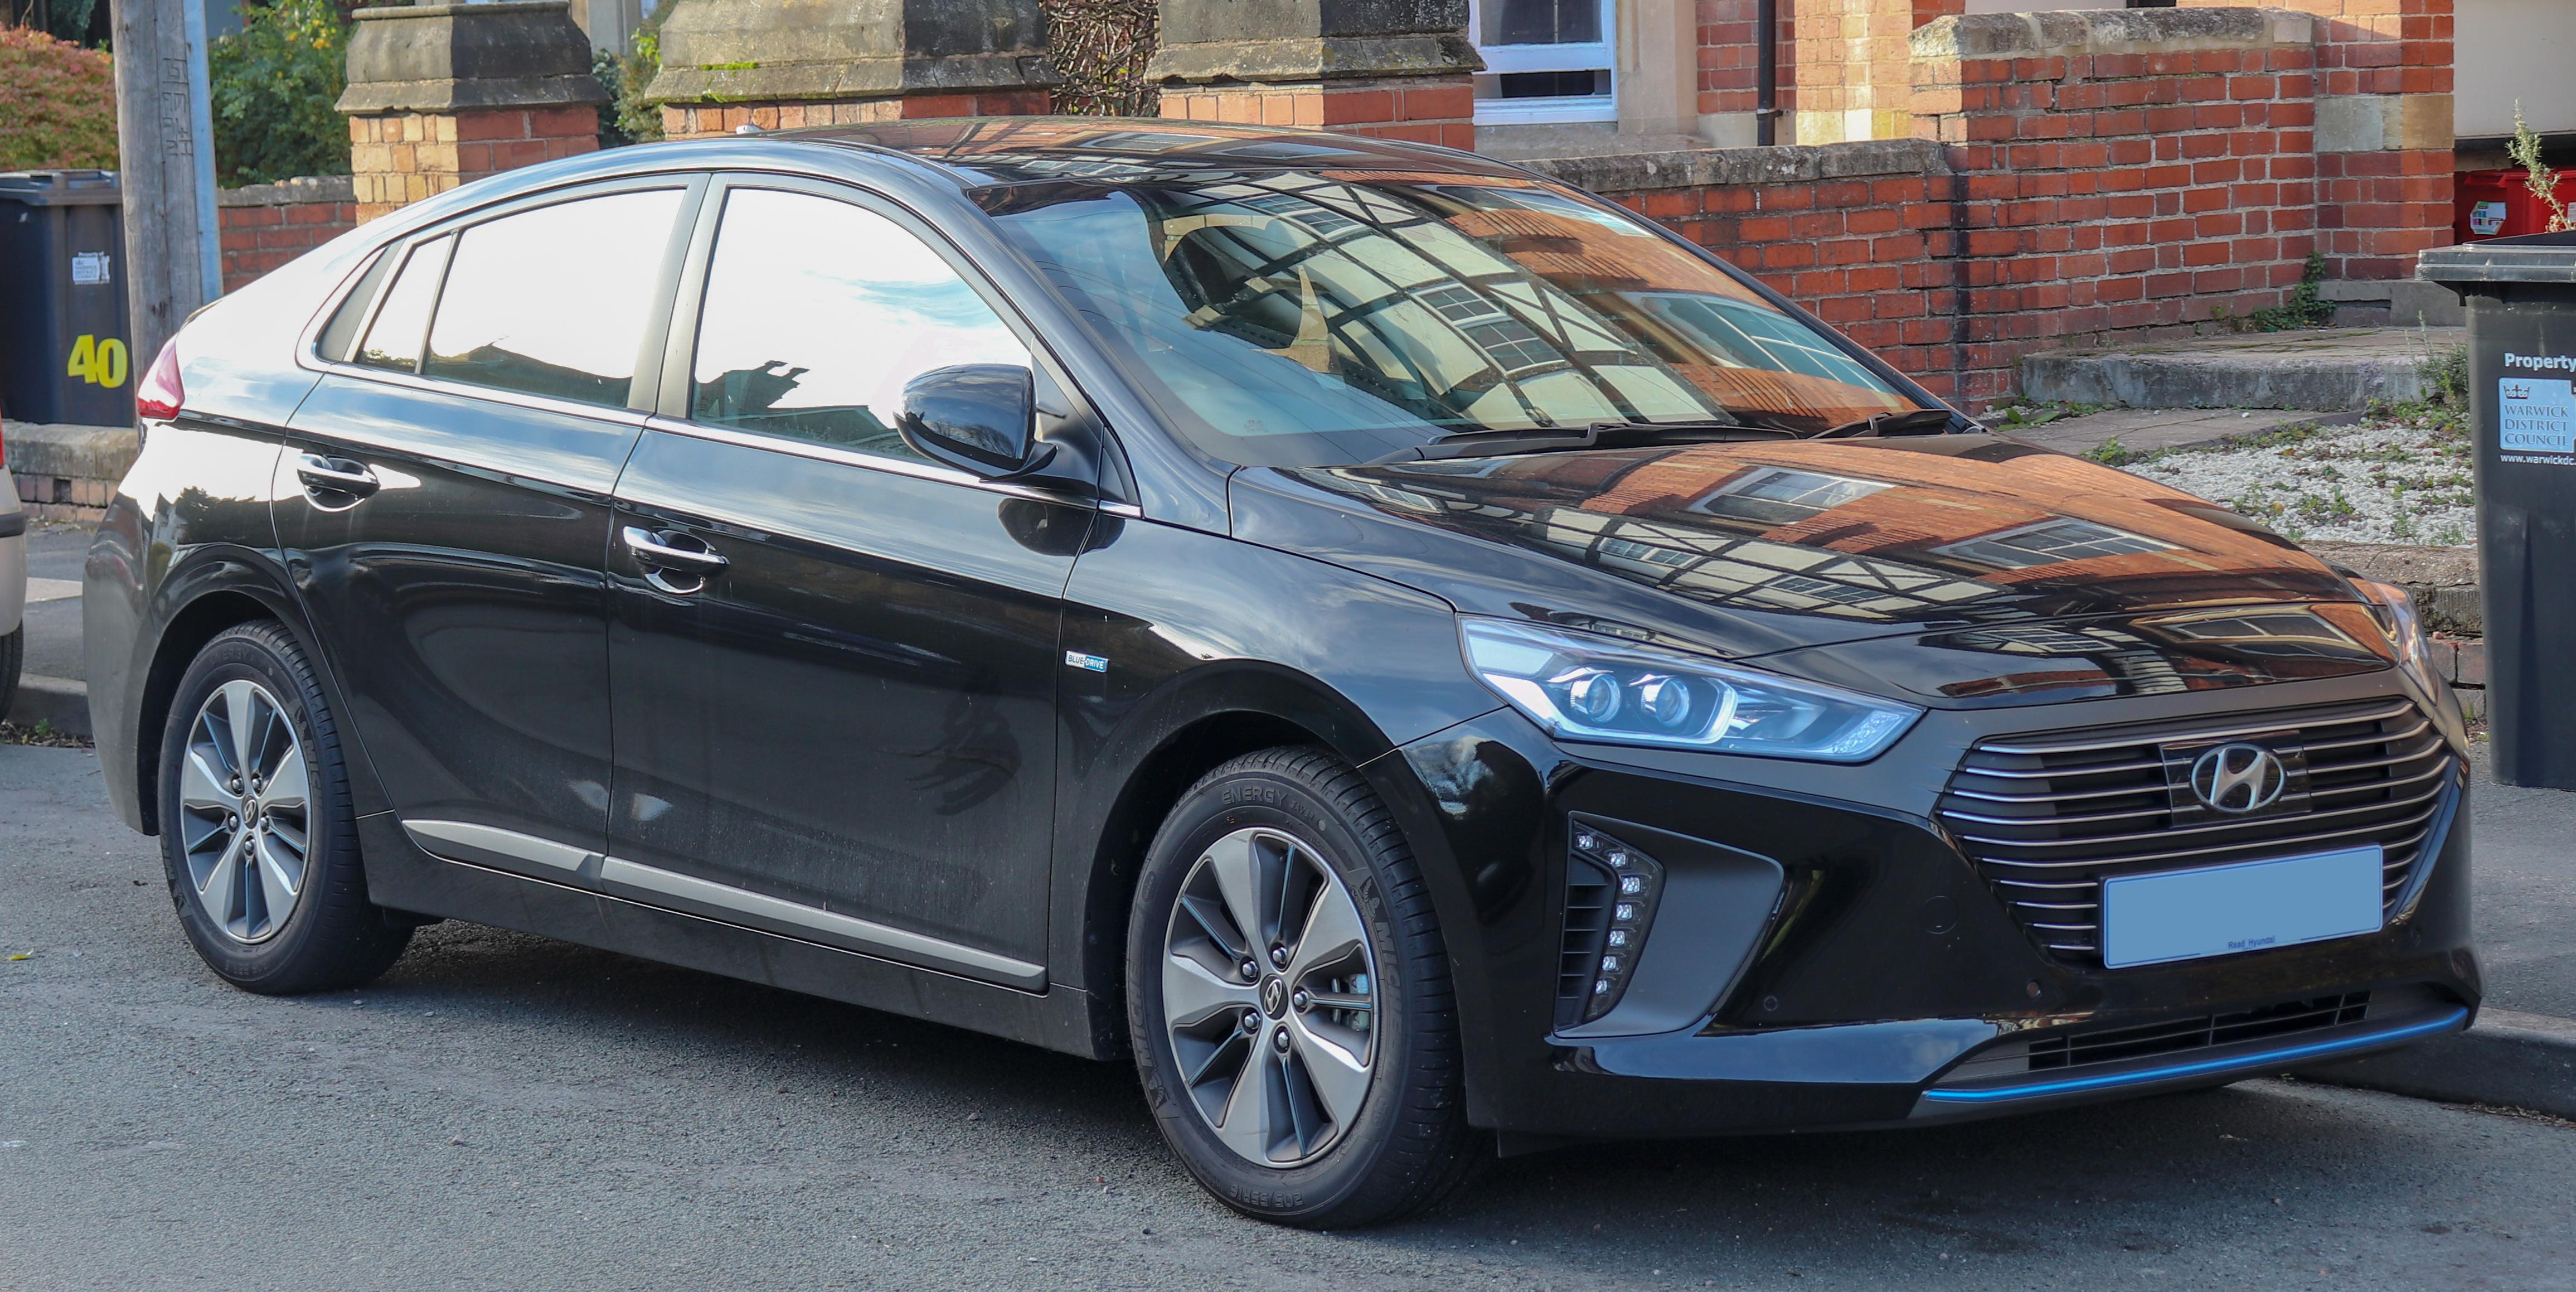 Image result for Hyundai Ioniq PHEV